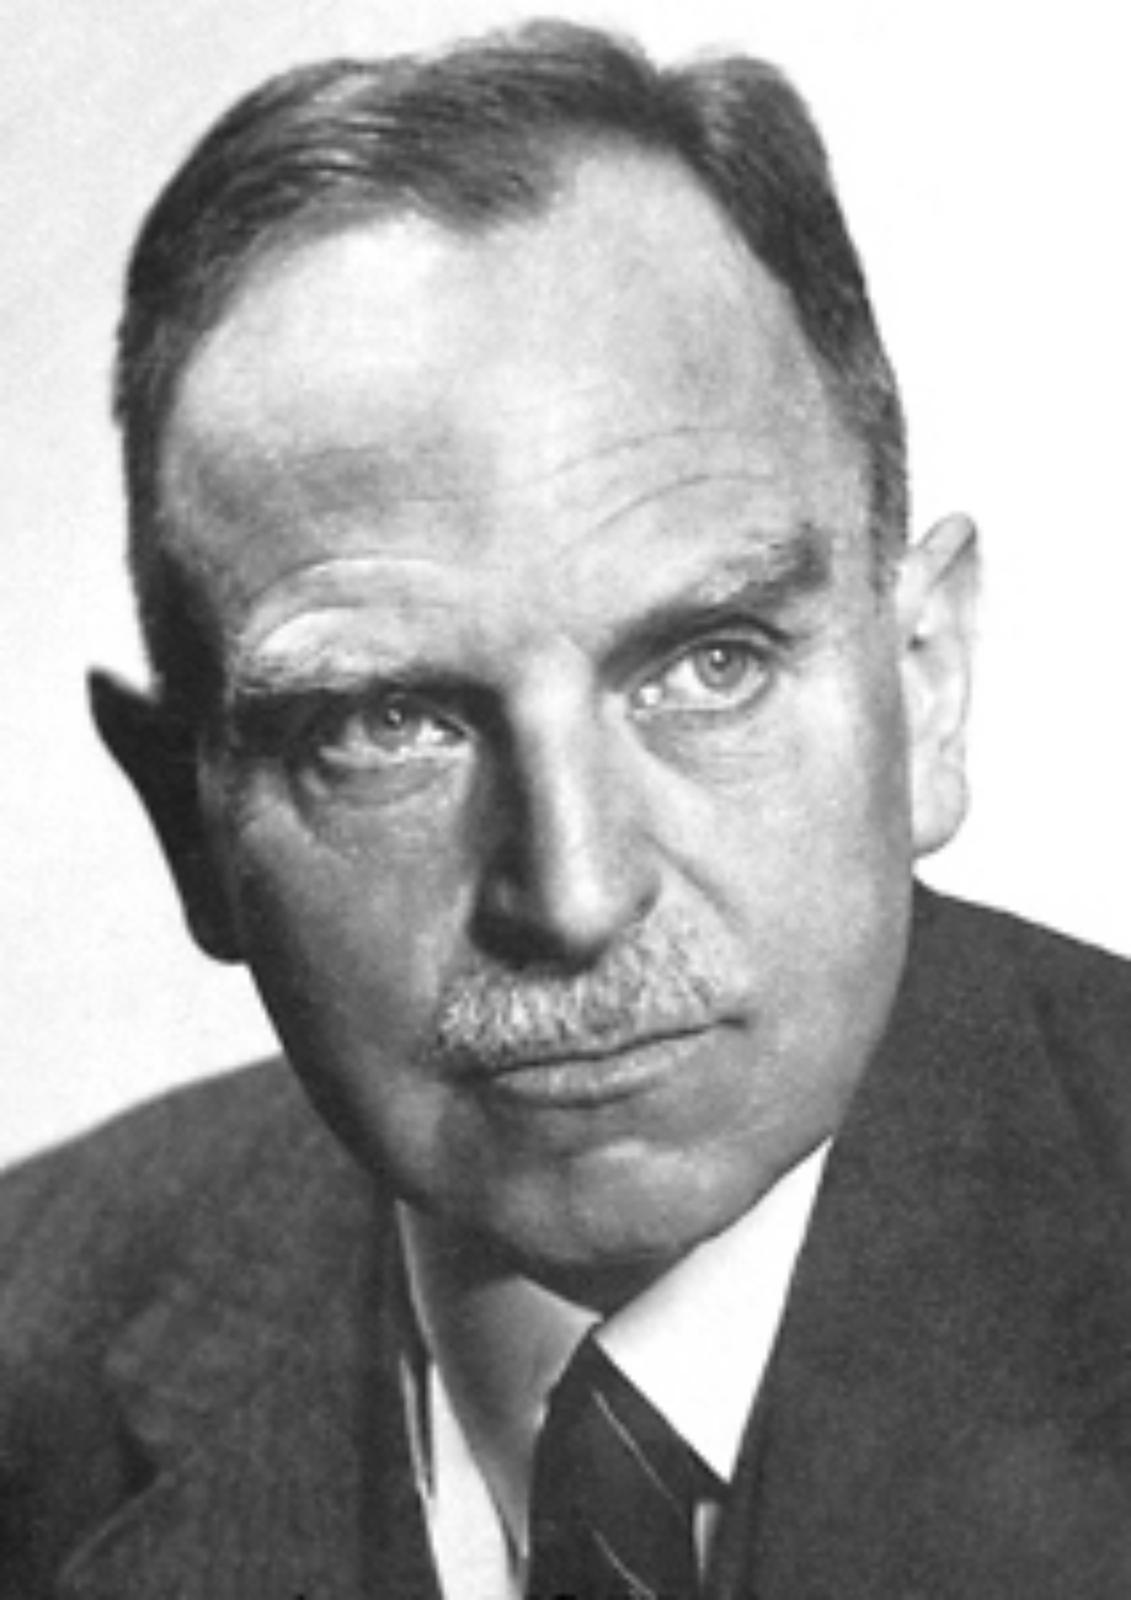 Zdjęcie przedstawia Otto Hahna. Fotografia czarno-biała. Mężczyzna wwieku ok. 55 lat. Włosy ciemne, przerzedzone. Czoło wysokie, widoczne zmarszczki poprzeczne. Oczy jasne. Nos prosty. Usta wąskie, dolna warga nieco większa. Krótko przystrzyżone, siwe wąsy. Uszy średniej wielkości, górna część małżowiny usznej delikatnie odstająca. Mężczyzna jest ubrany wmarynarkę, białą koszulę iciemny krawat wwąskie paski.